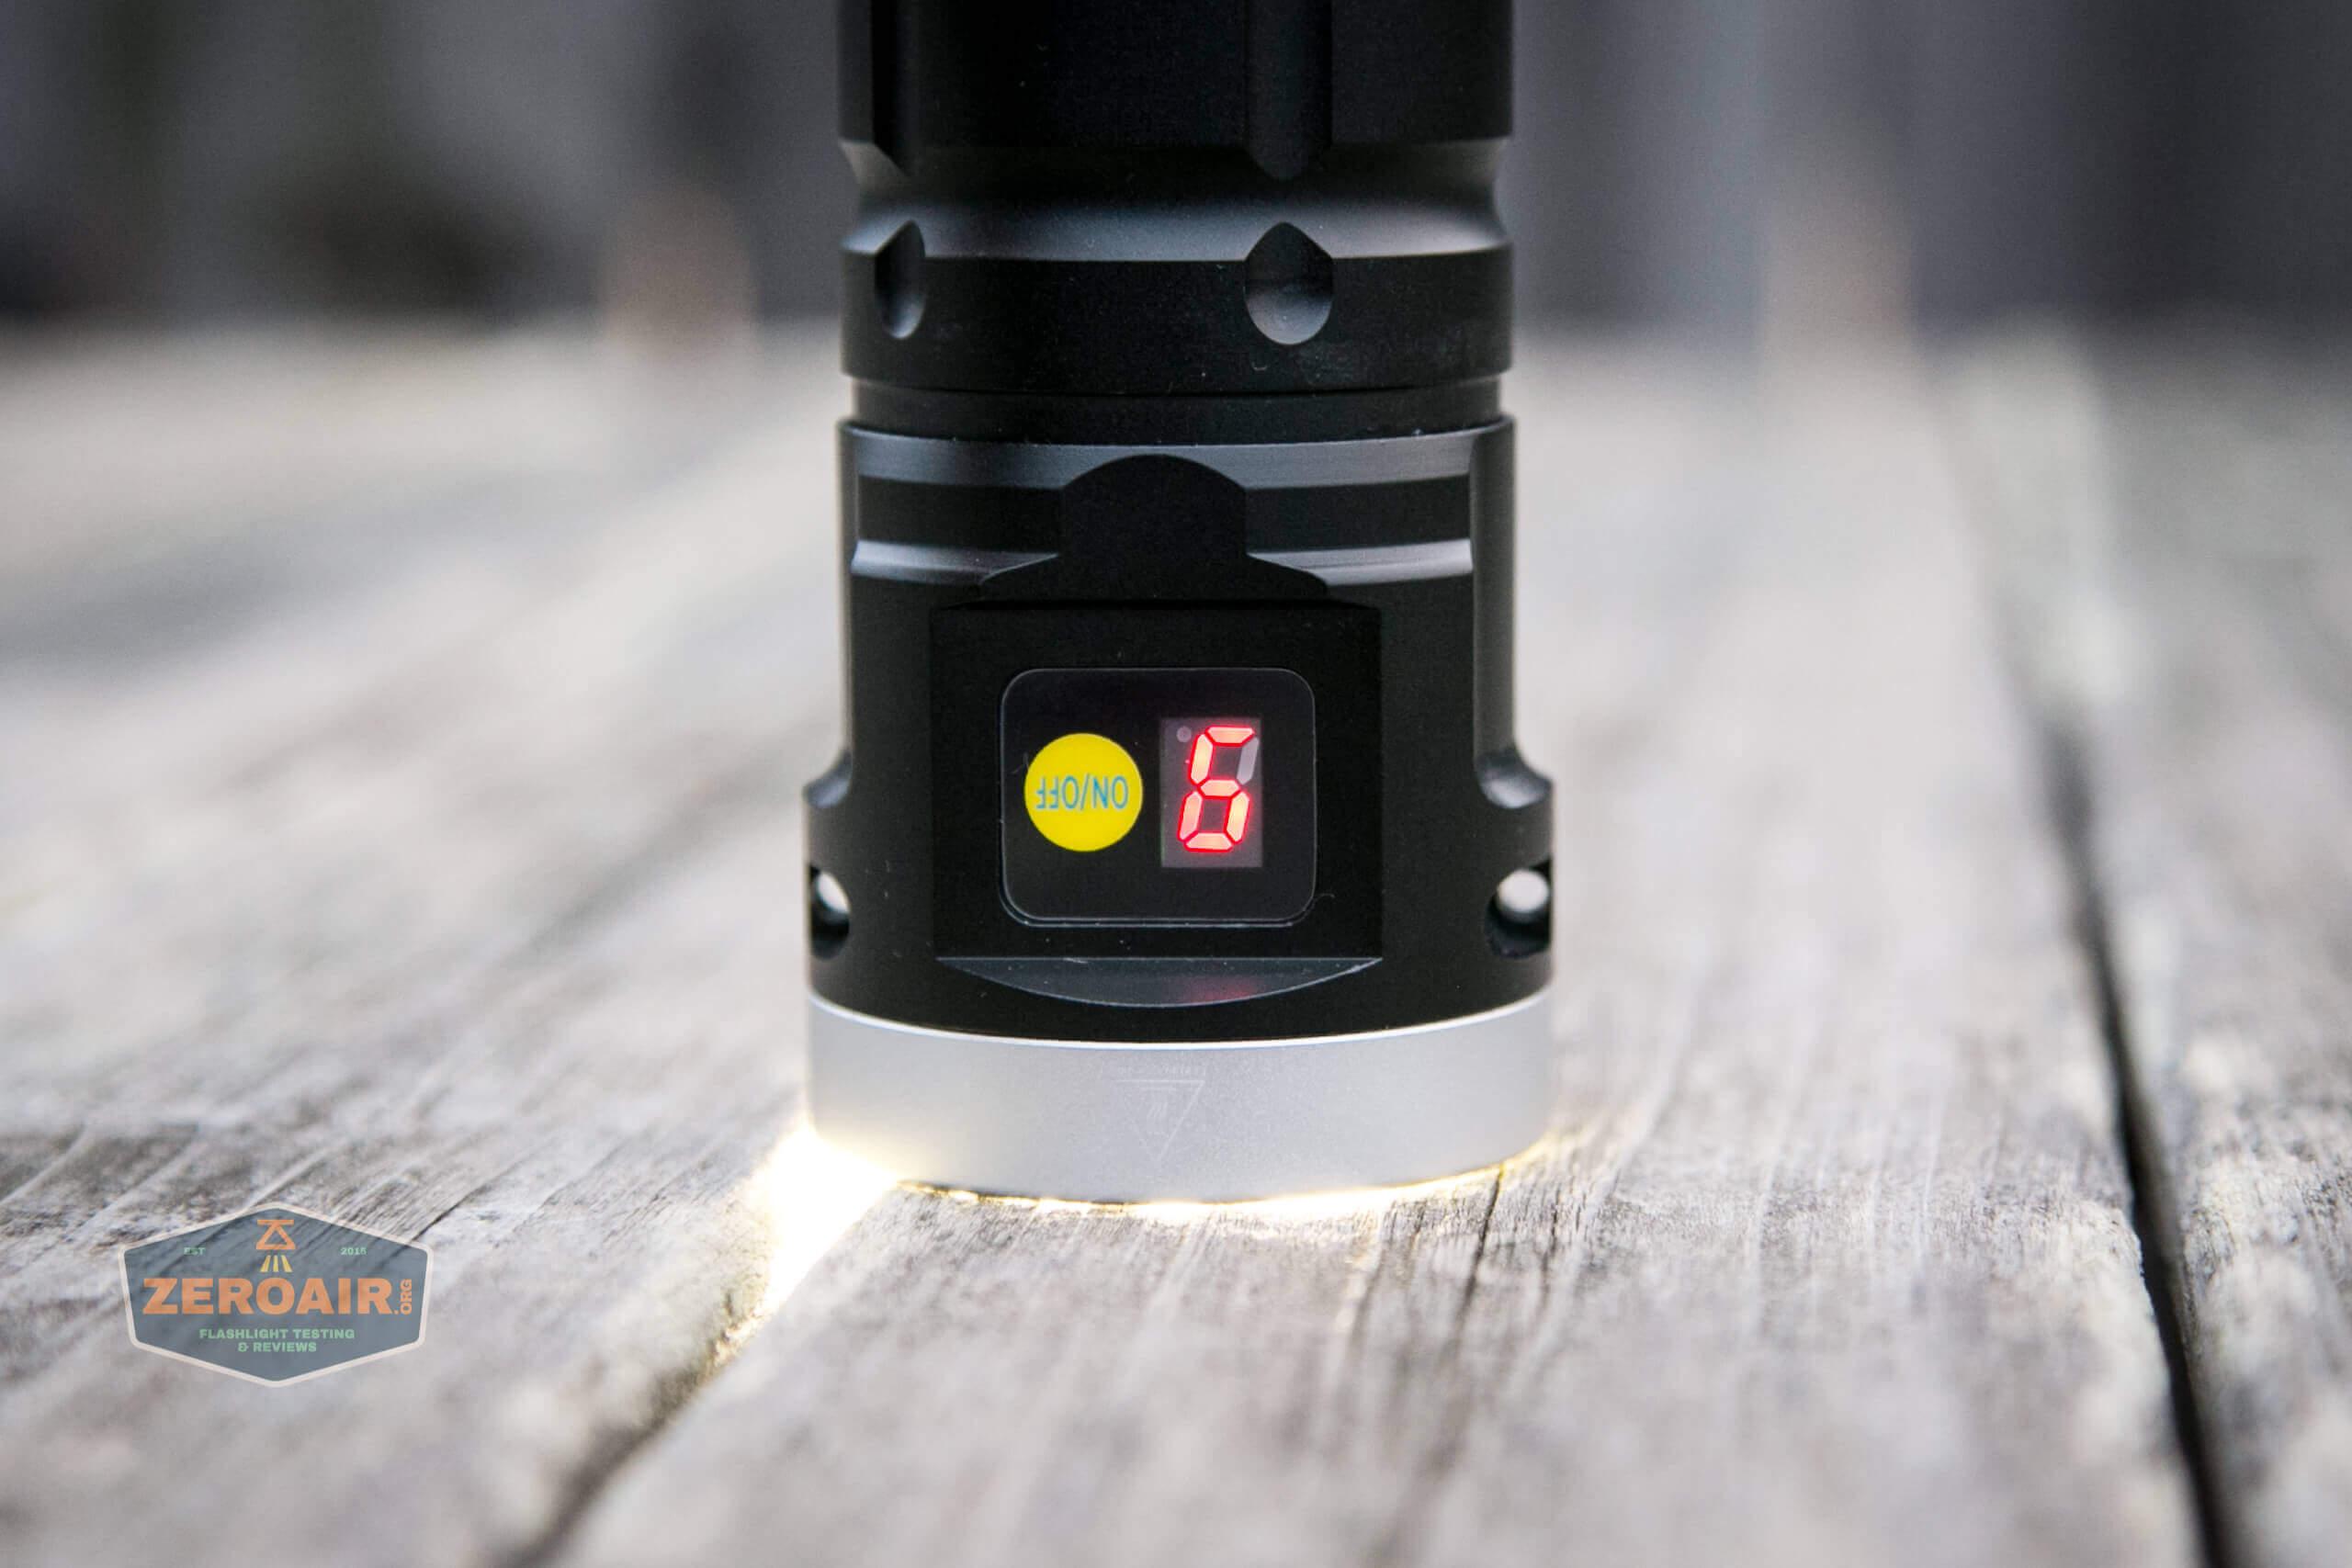 nitebeam x12uv flashlight battery level